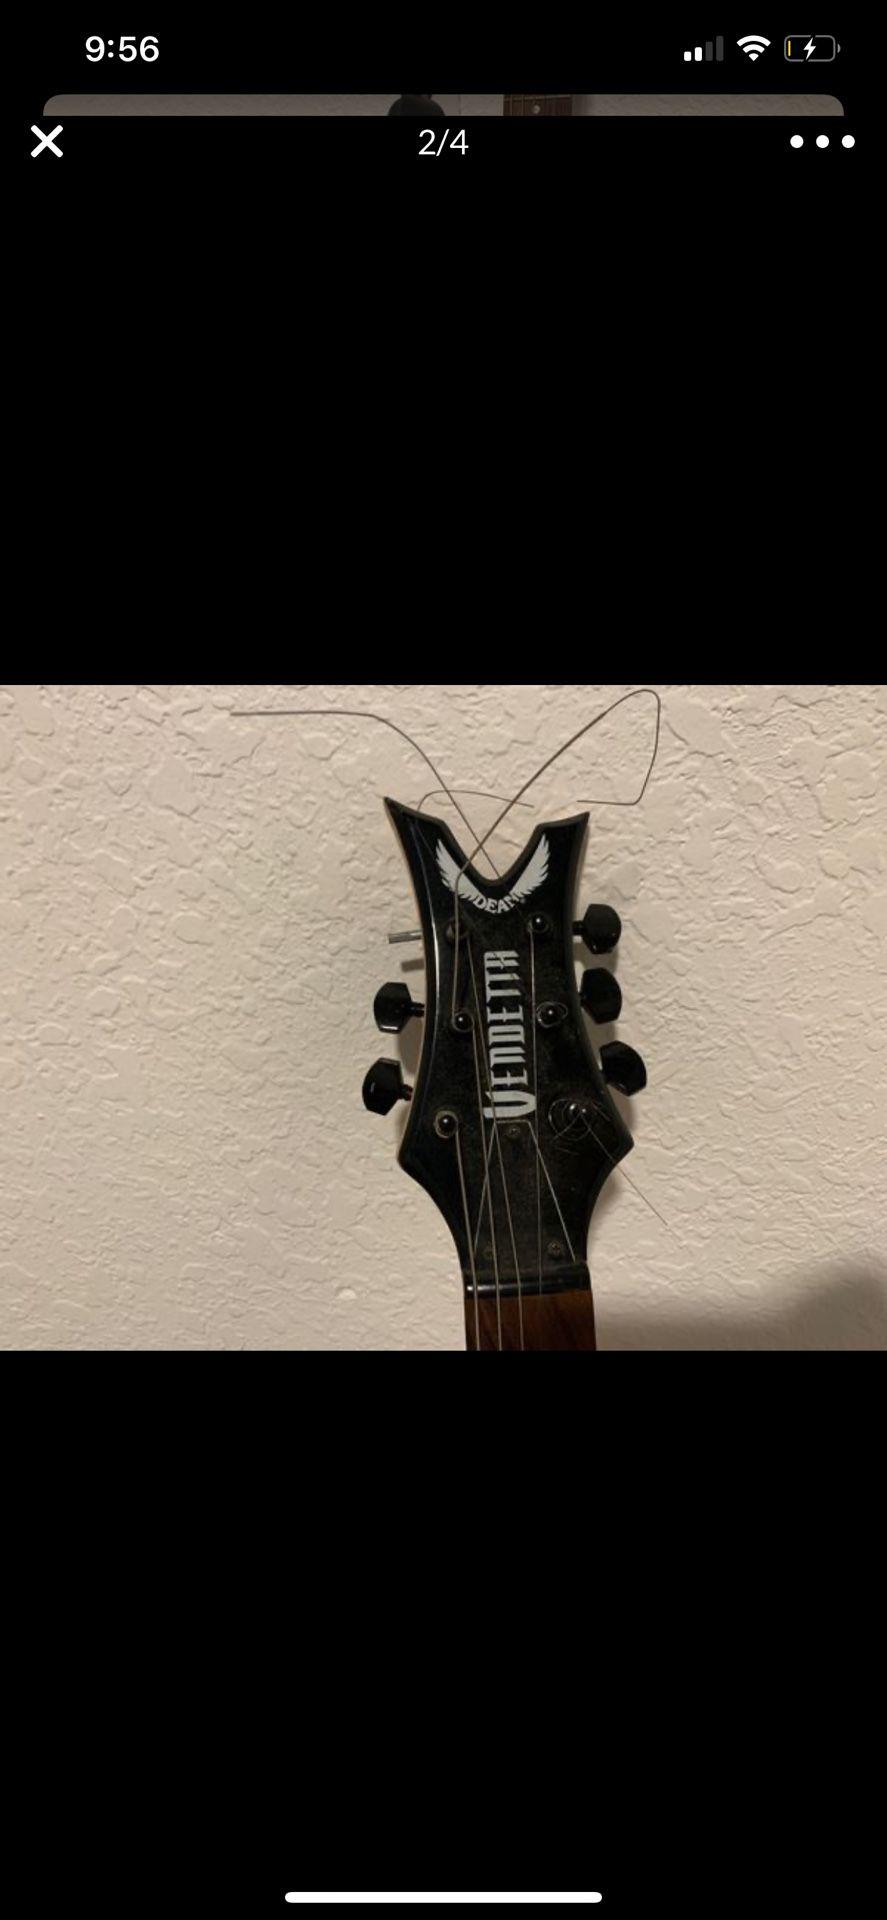 Eletrical guitar